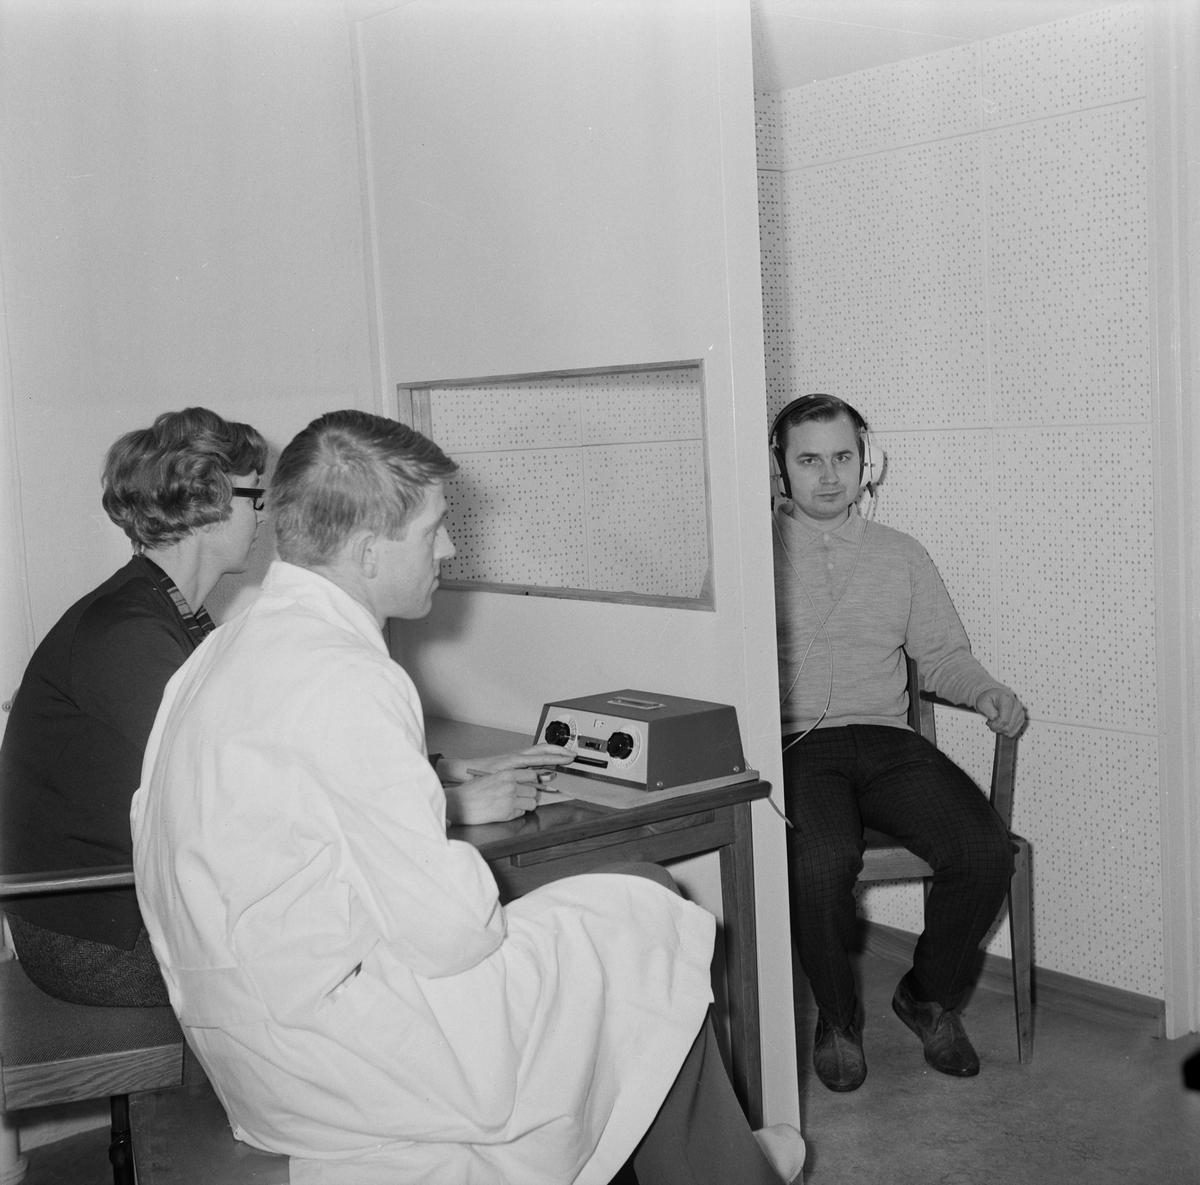 Företagsläkaren Mats Holmer och audiometris Karen Grönberg studerar Sture Nybergs hörselkurva